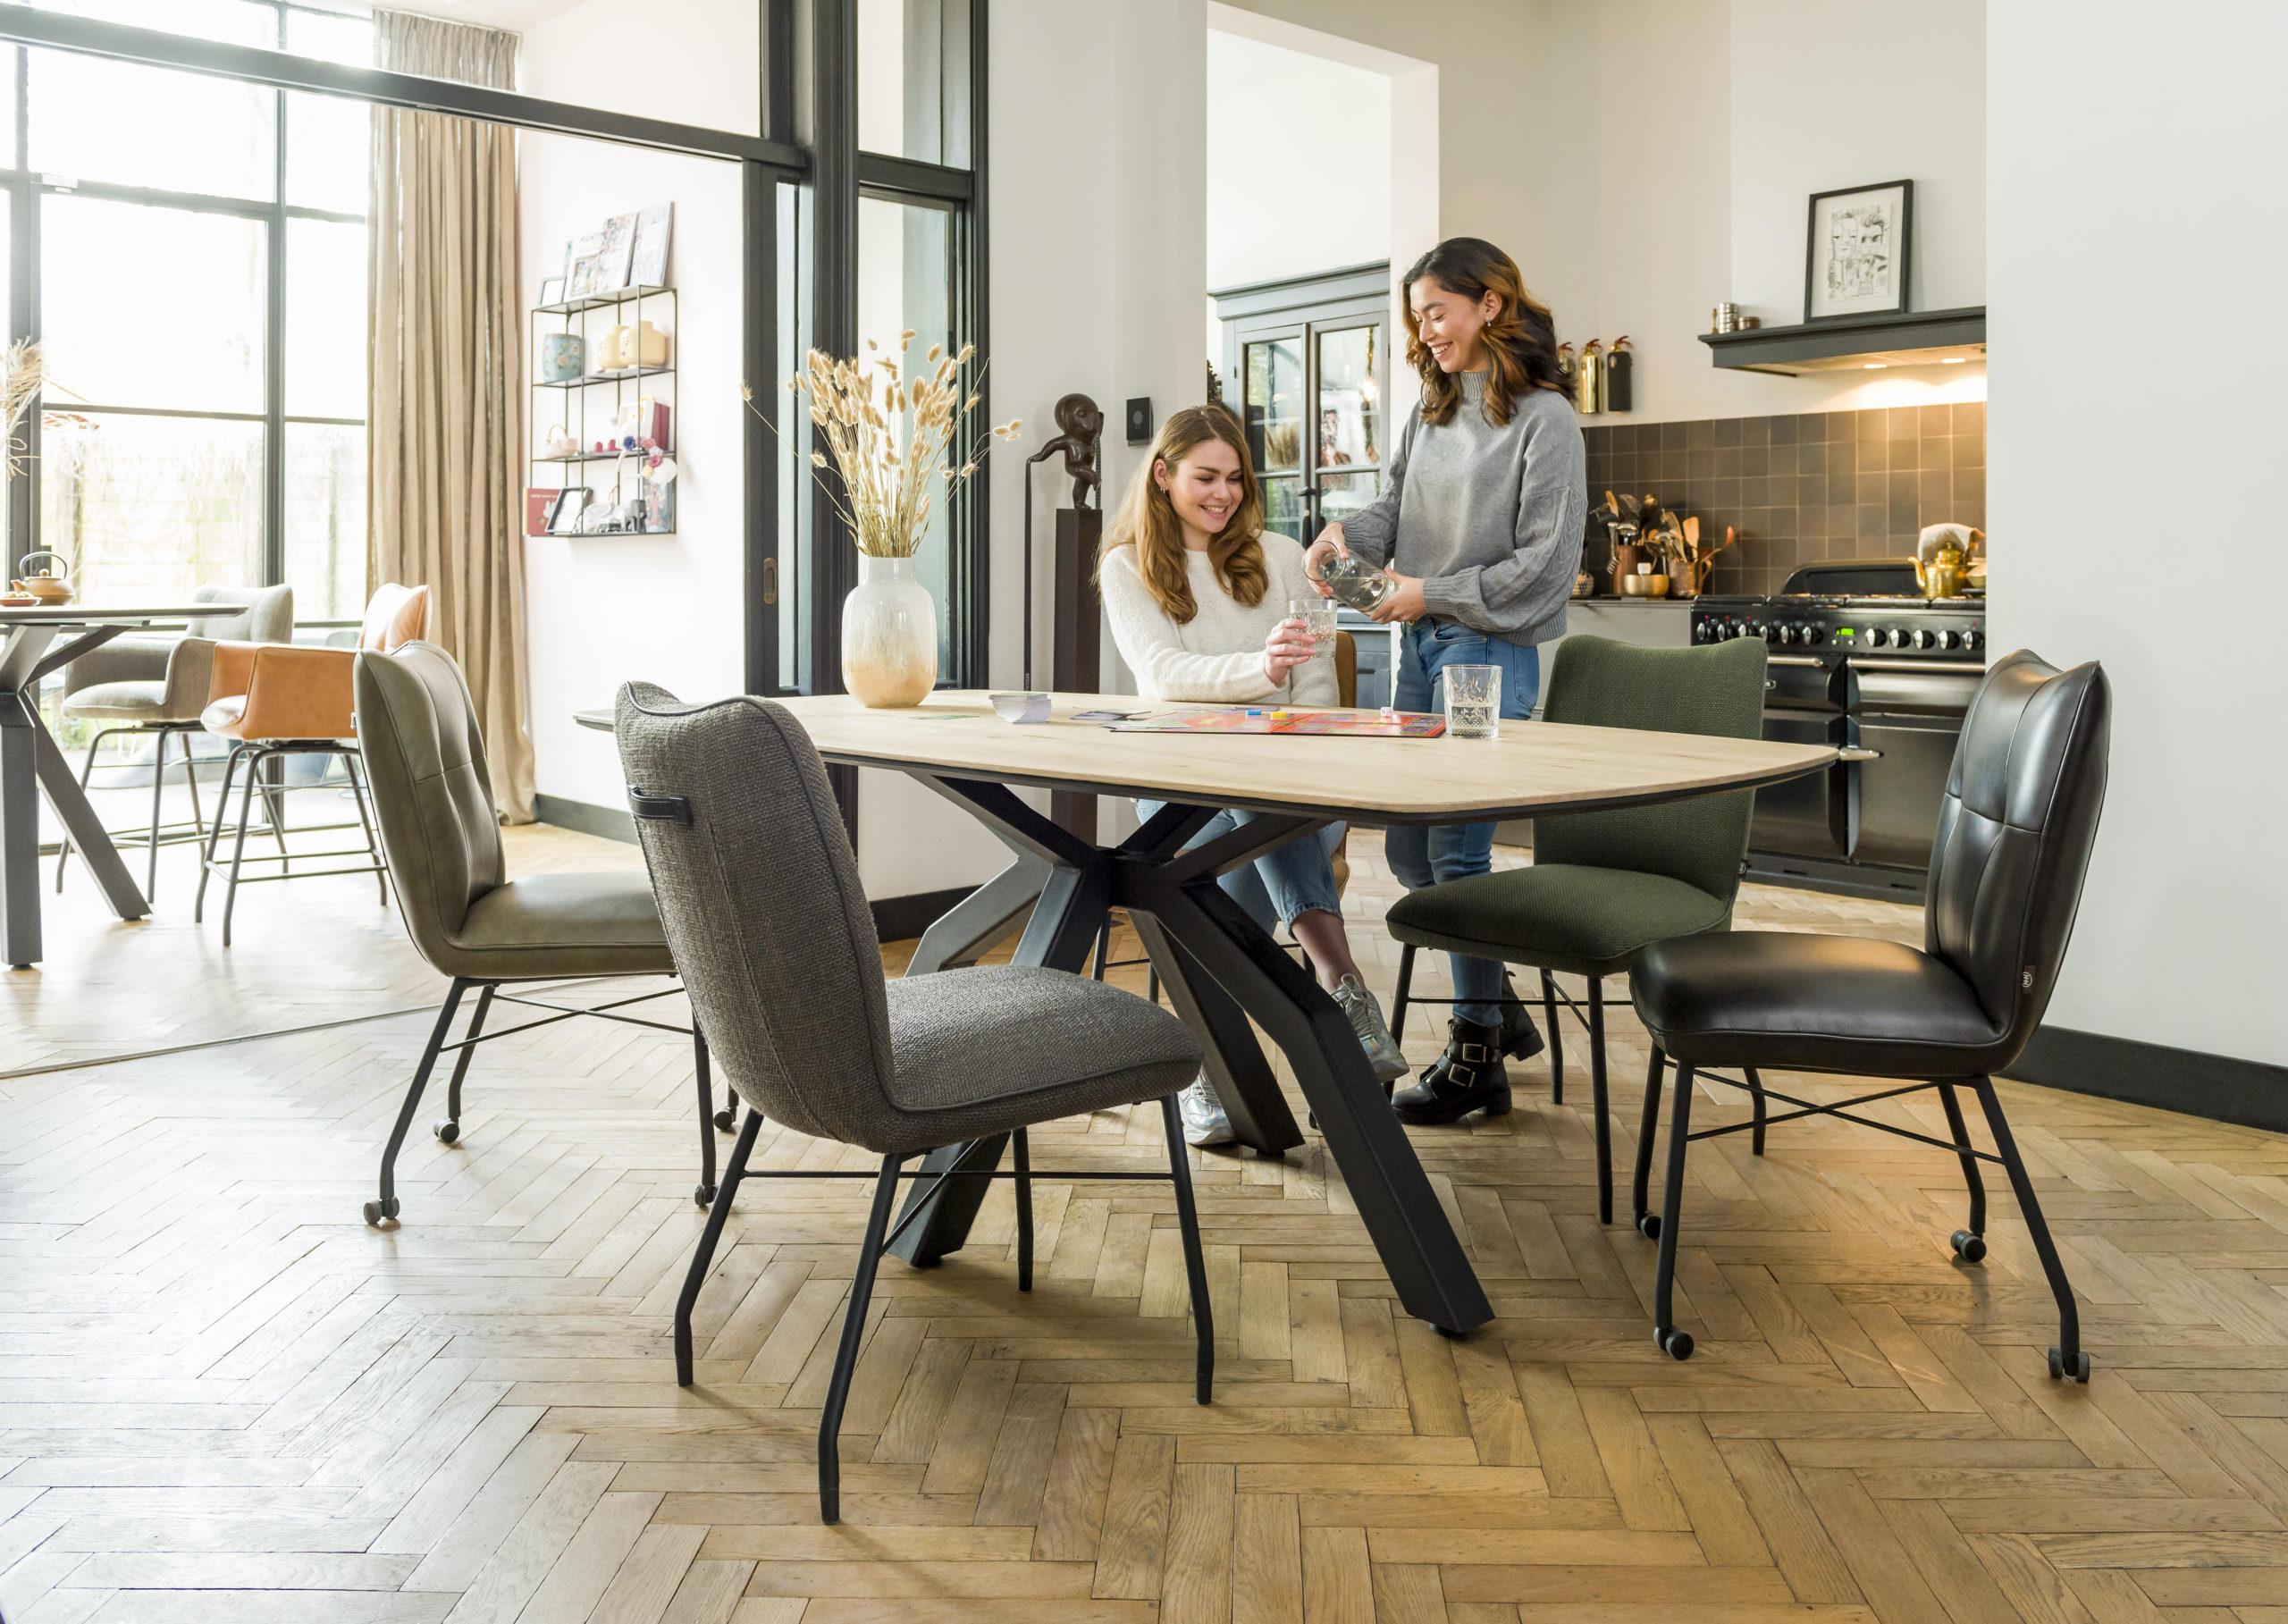 Wohnräume optisch miteinander verbinden durch gleiche Möbel